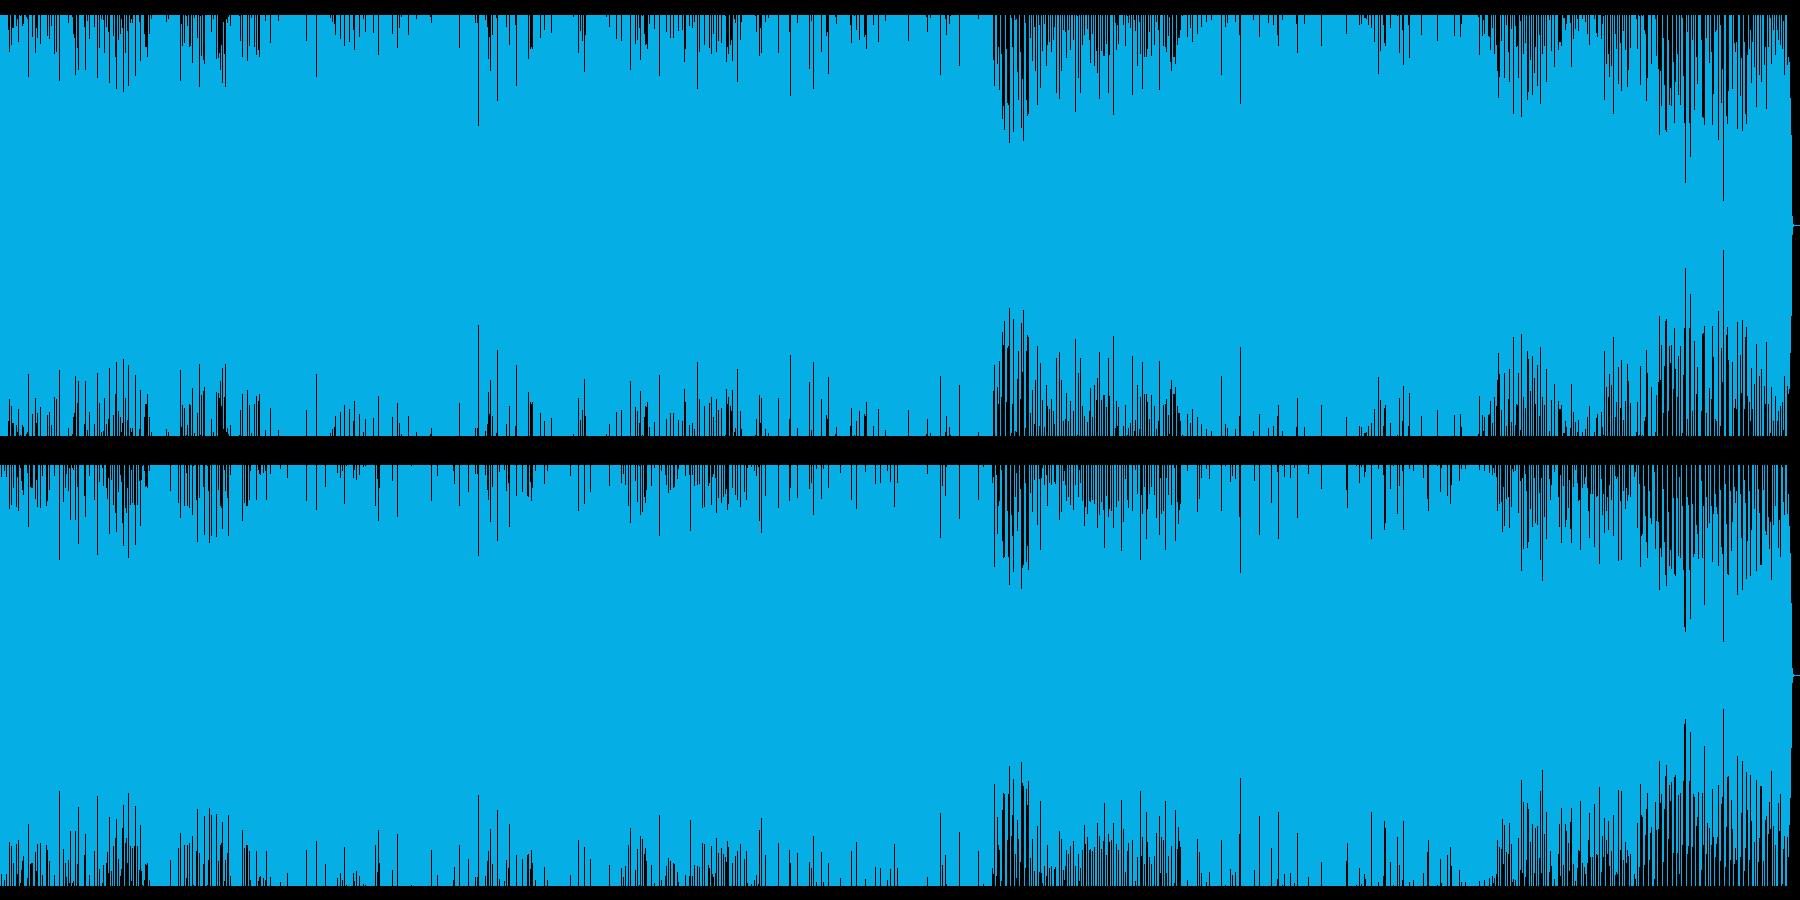 朝の目覚めをイメージしたEDMの再生済みの波形